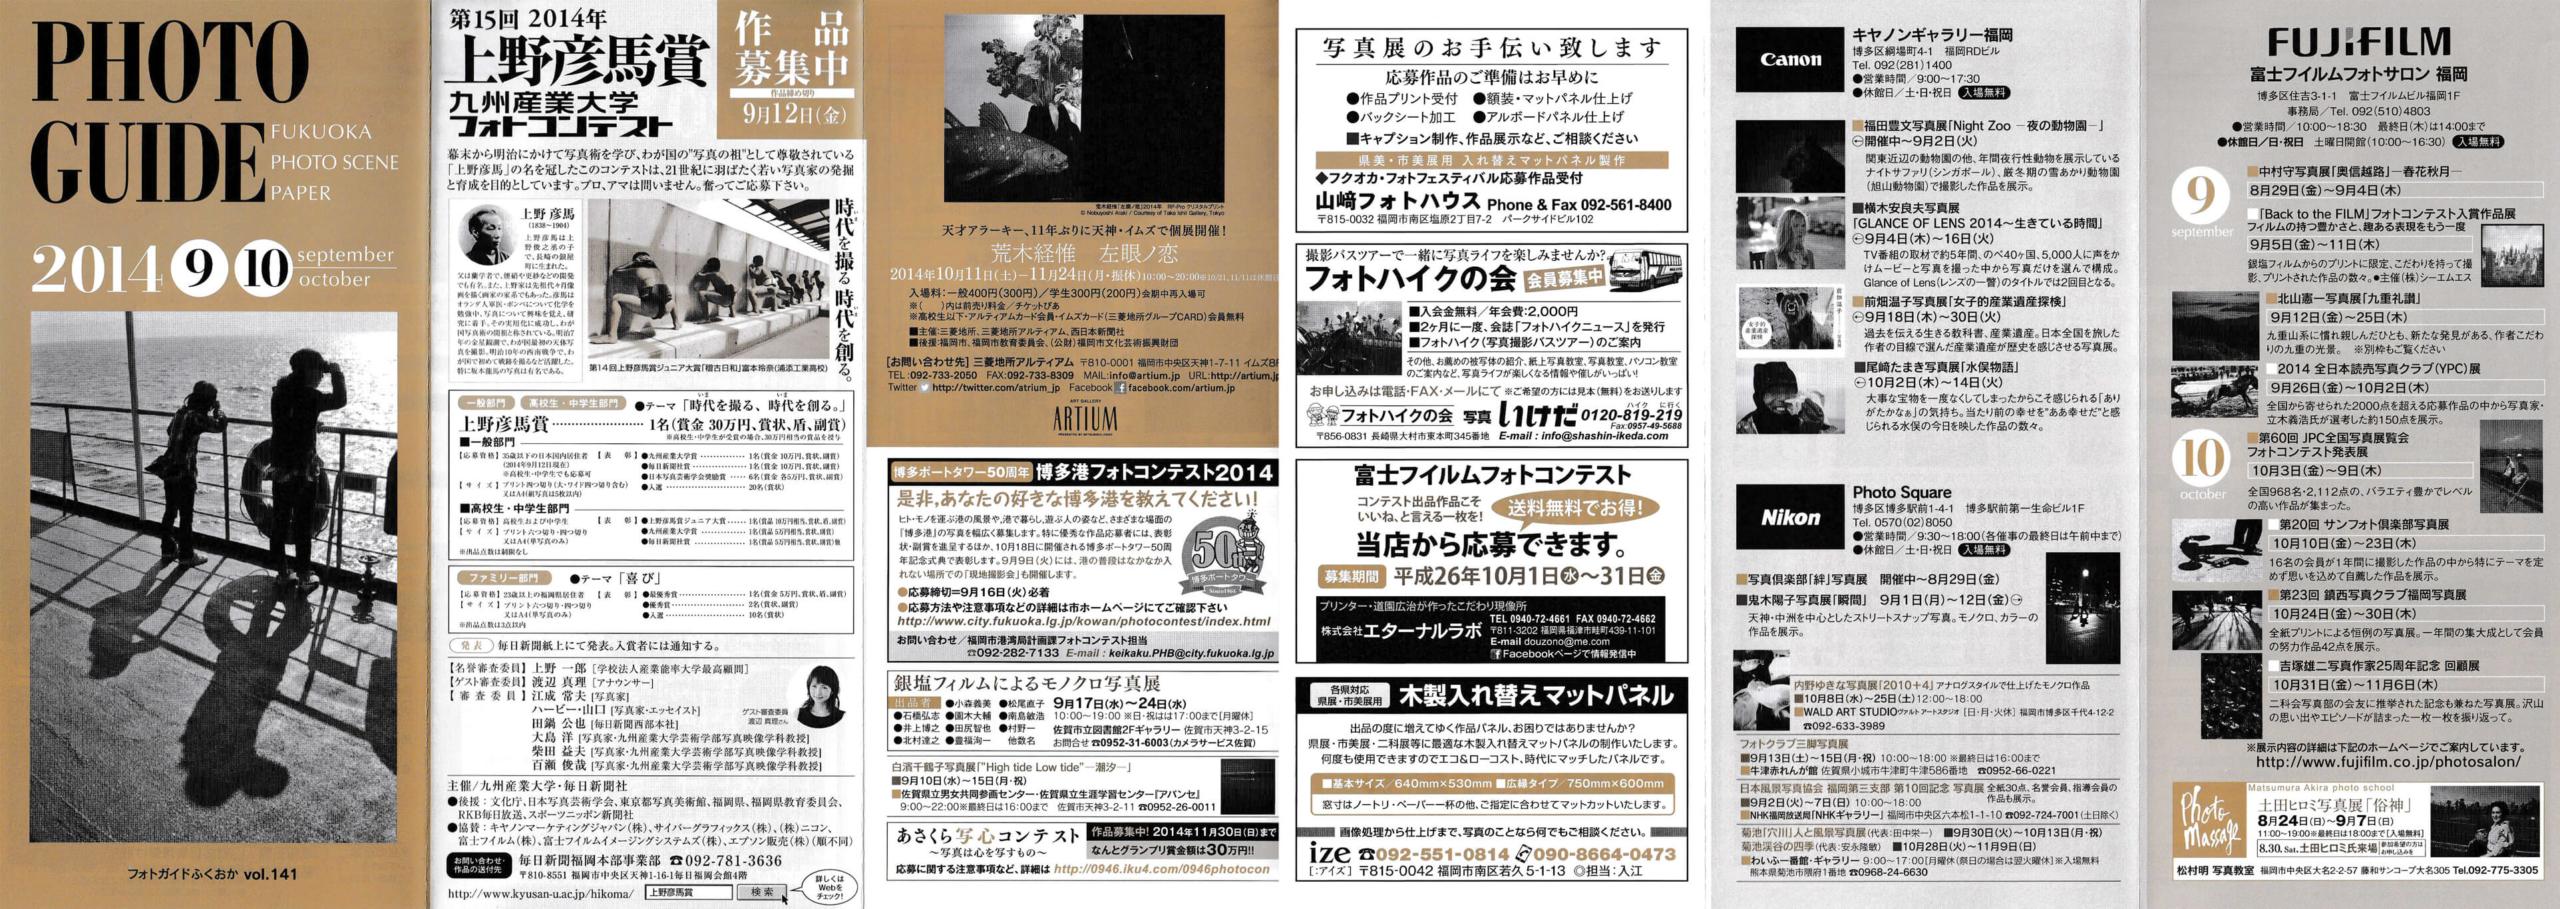 フォトガイドふくおか|アーカイブ|vol141